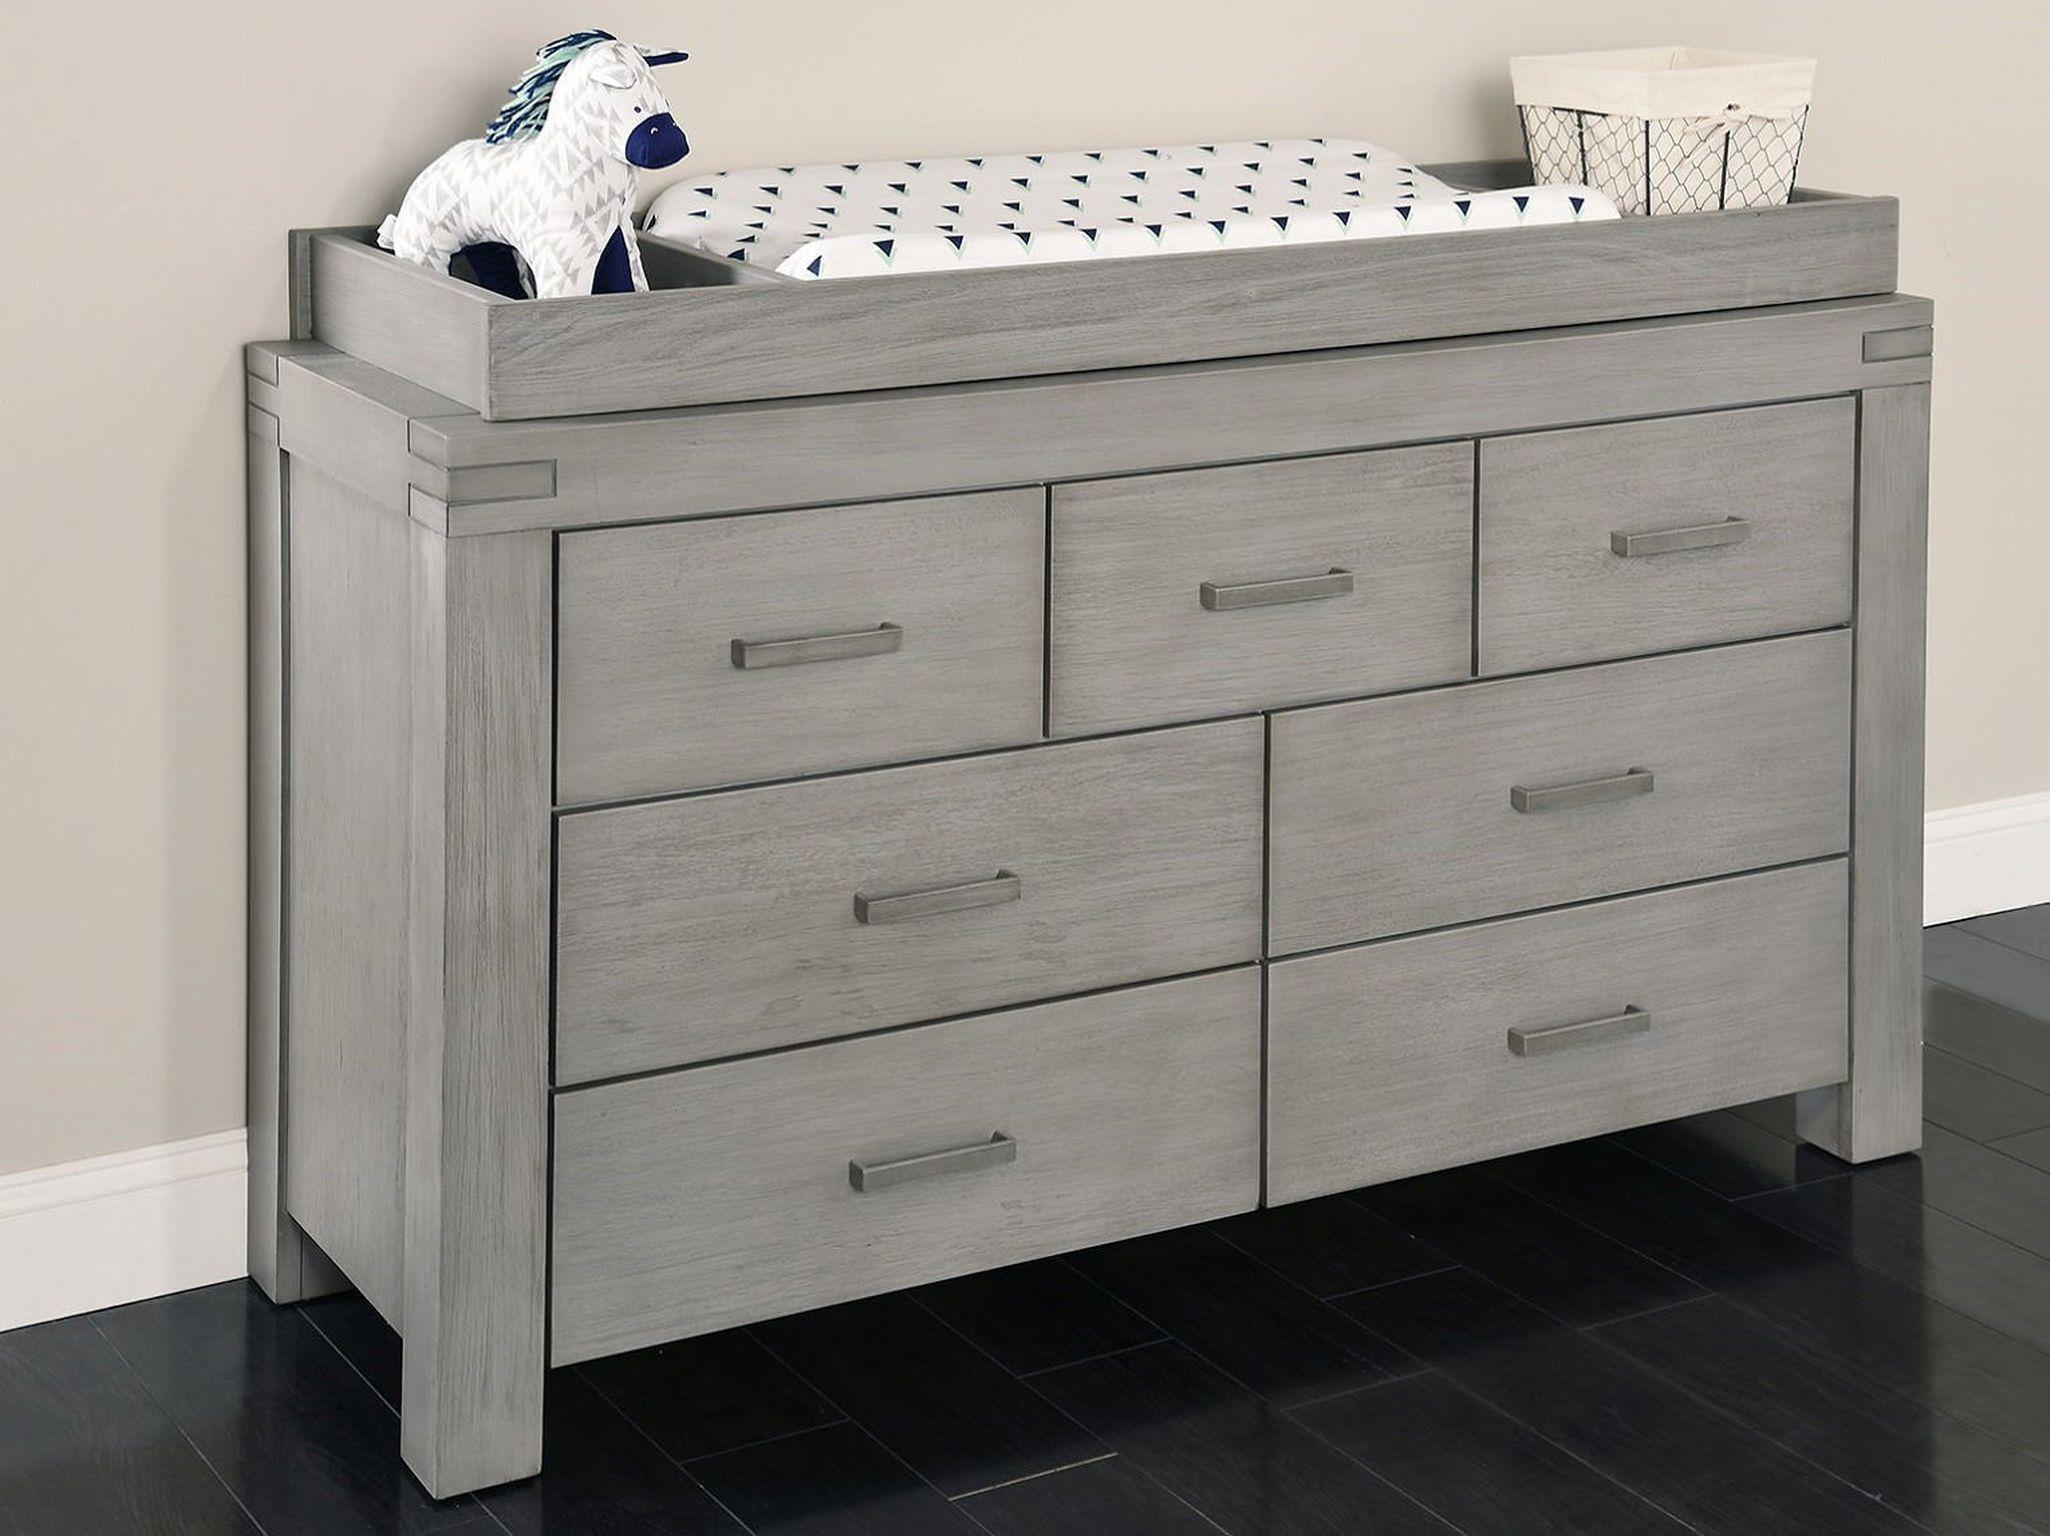 Oxford Baby Piermont 7 Drawer Dresser Rustic Stonington Grey Dresser Design Dresser Drawers